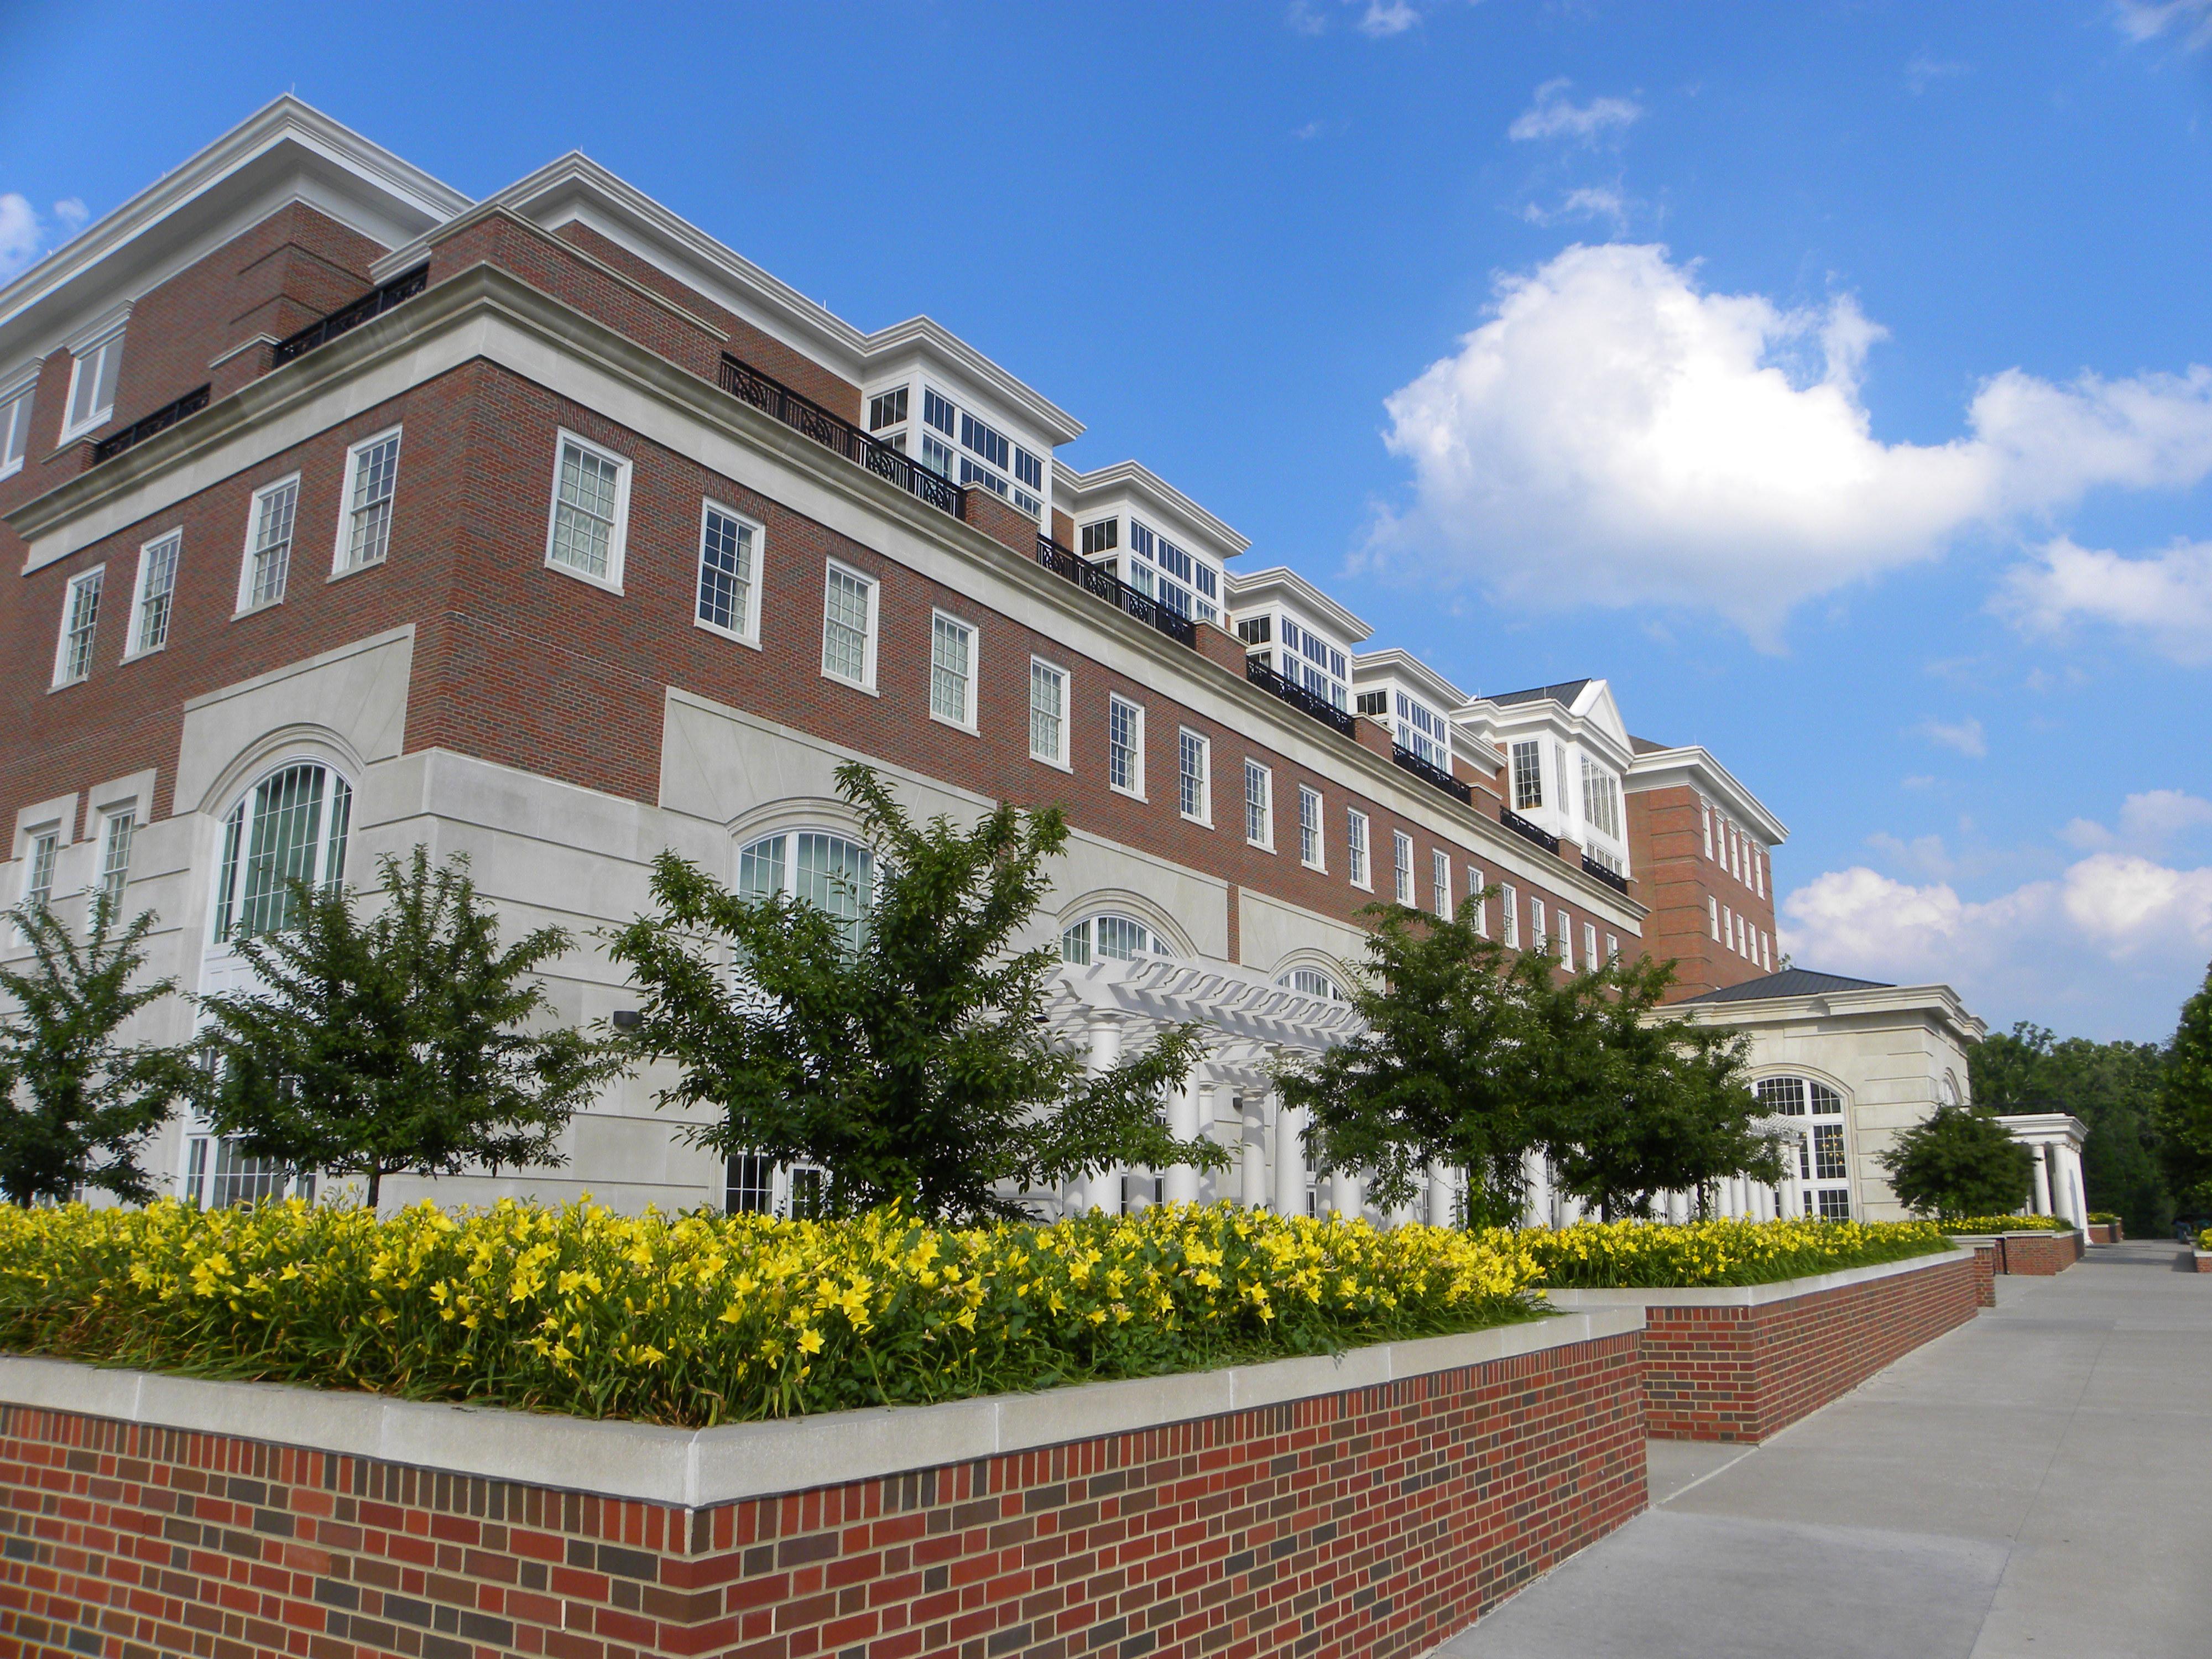 Ohio University online MSW